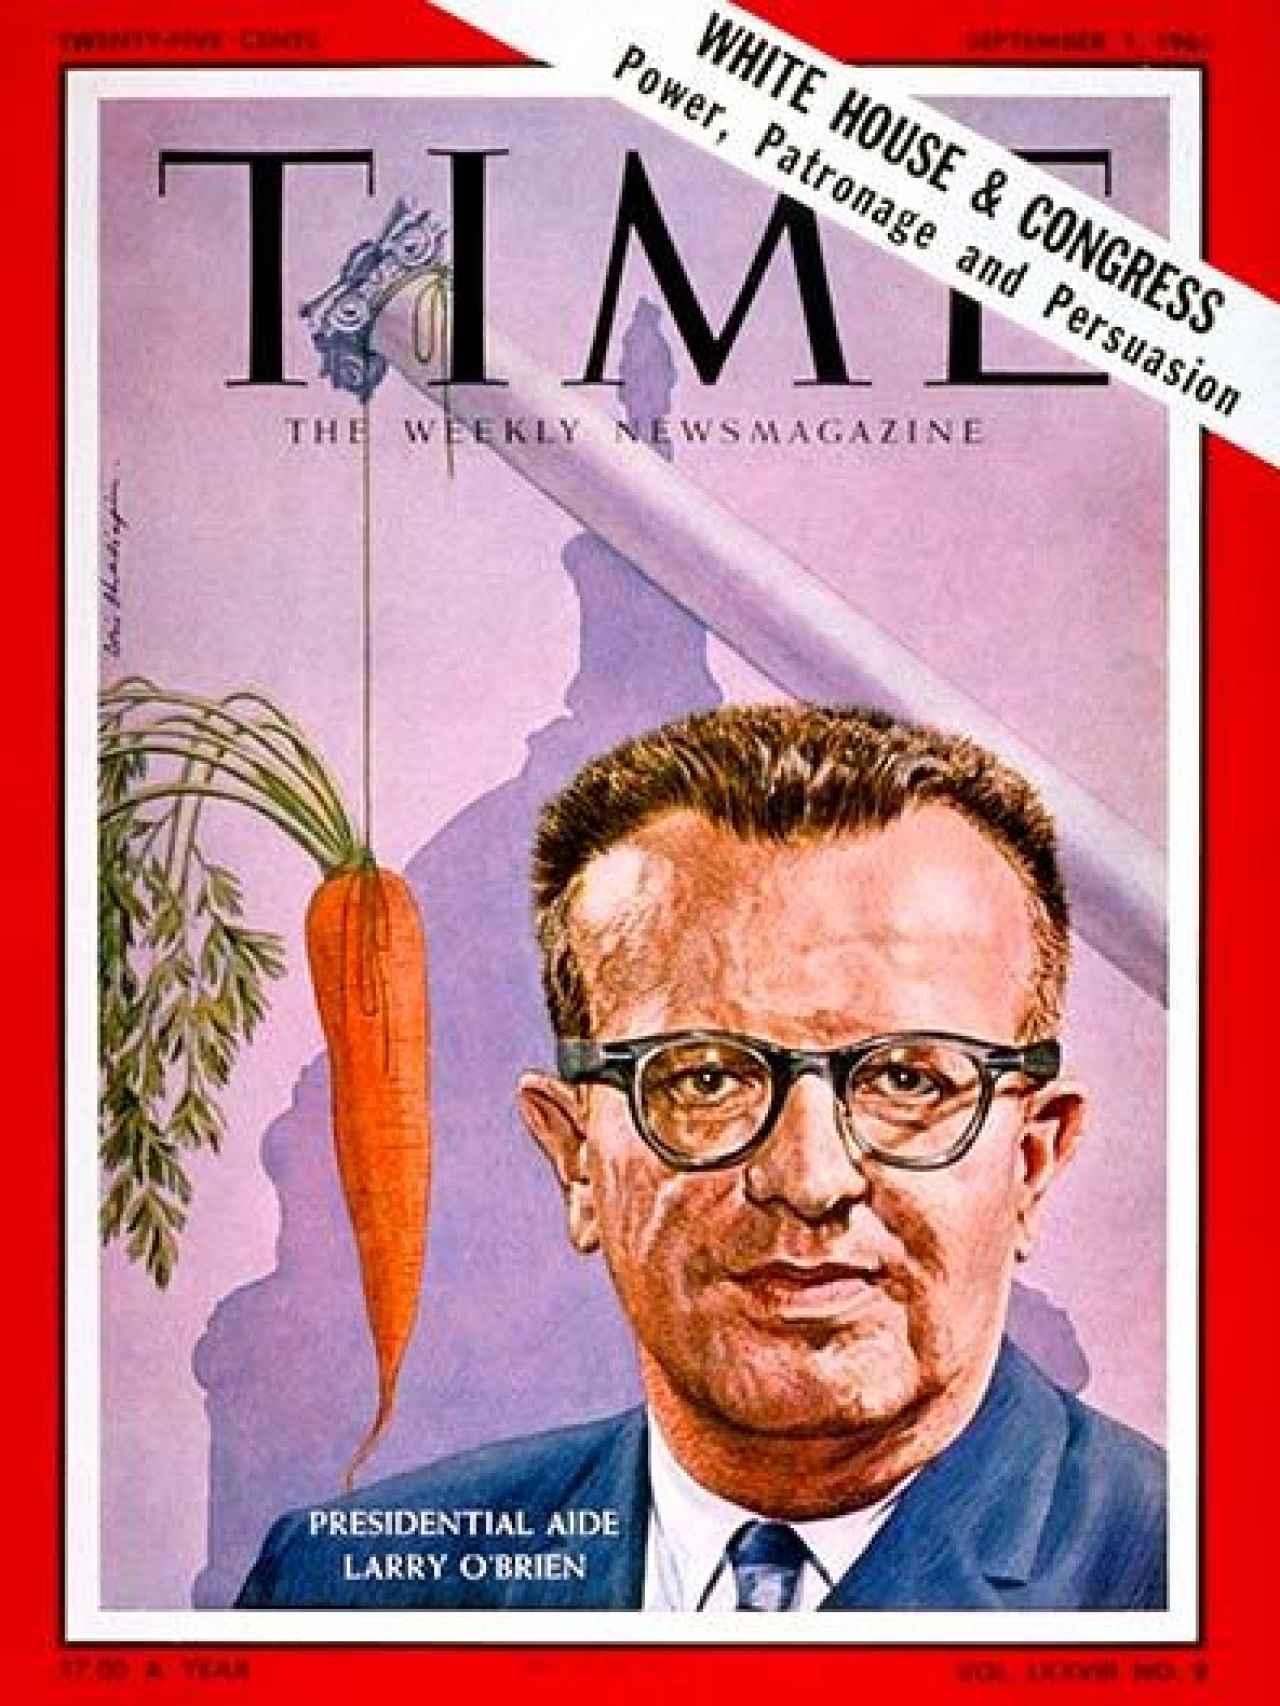 Portada de la revista Time que protagonizó en 1961.